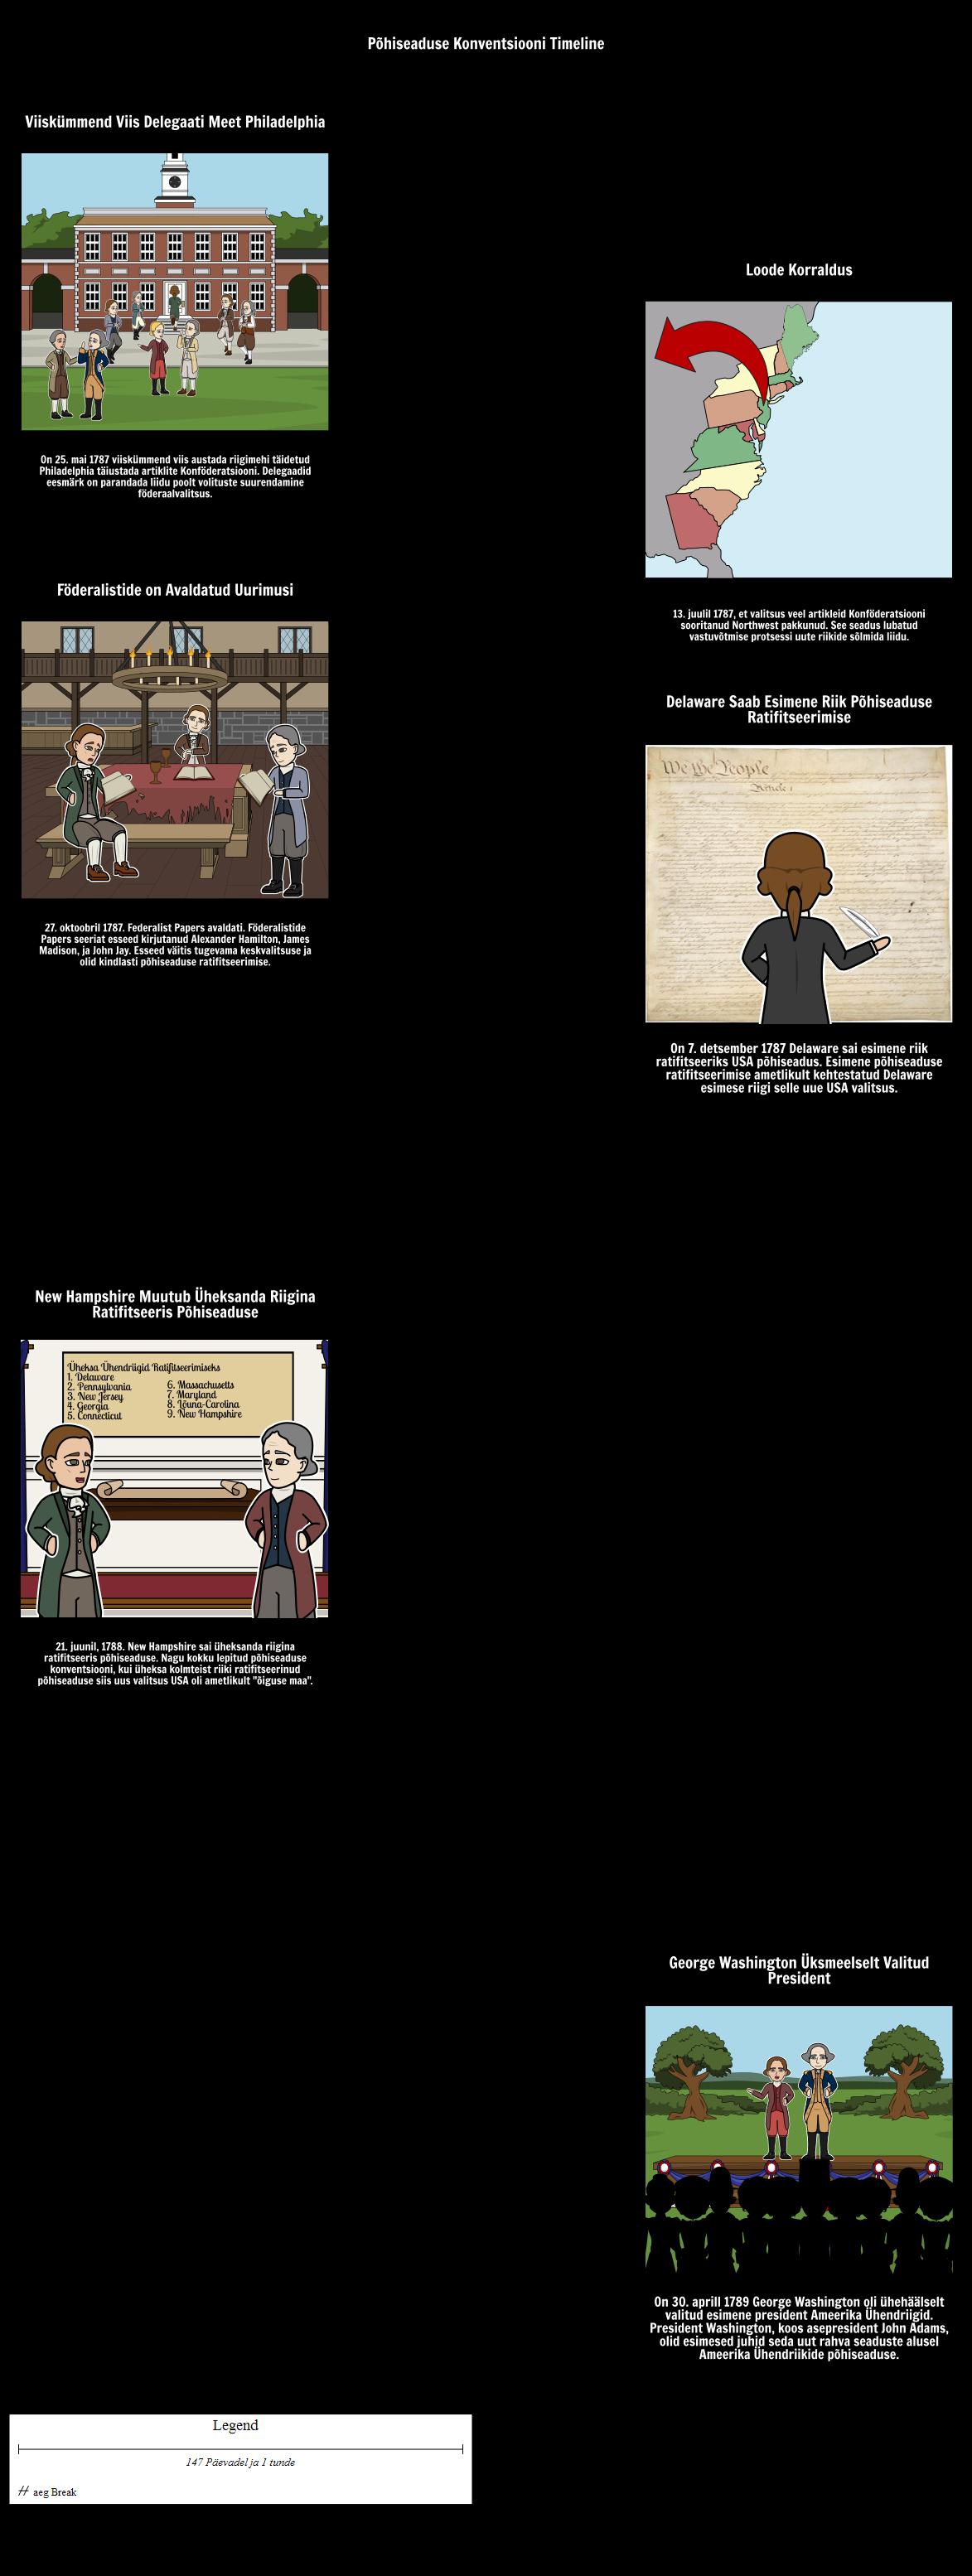 Põhiseaduse Konvendi Timeline